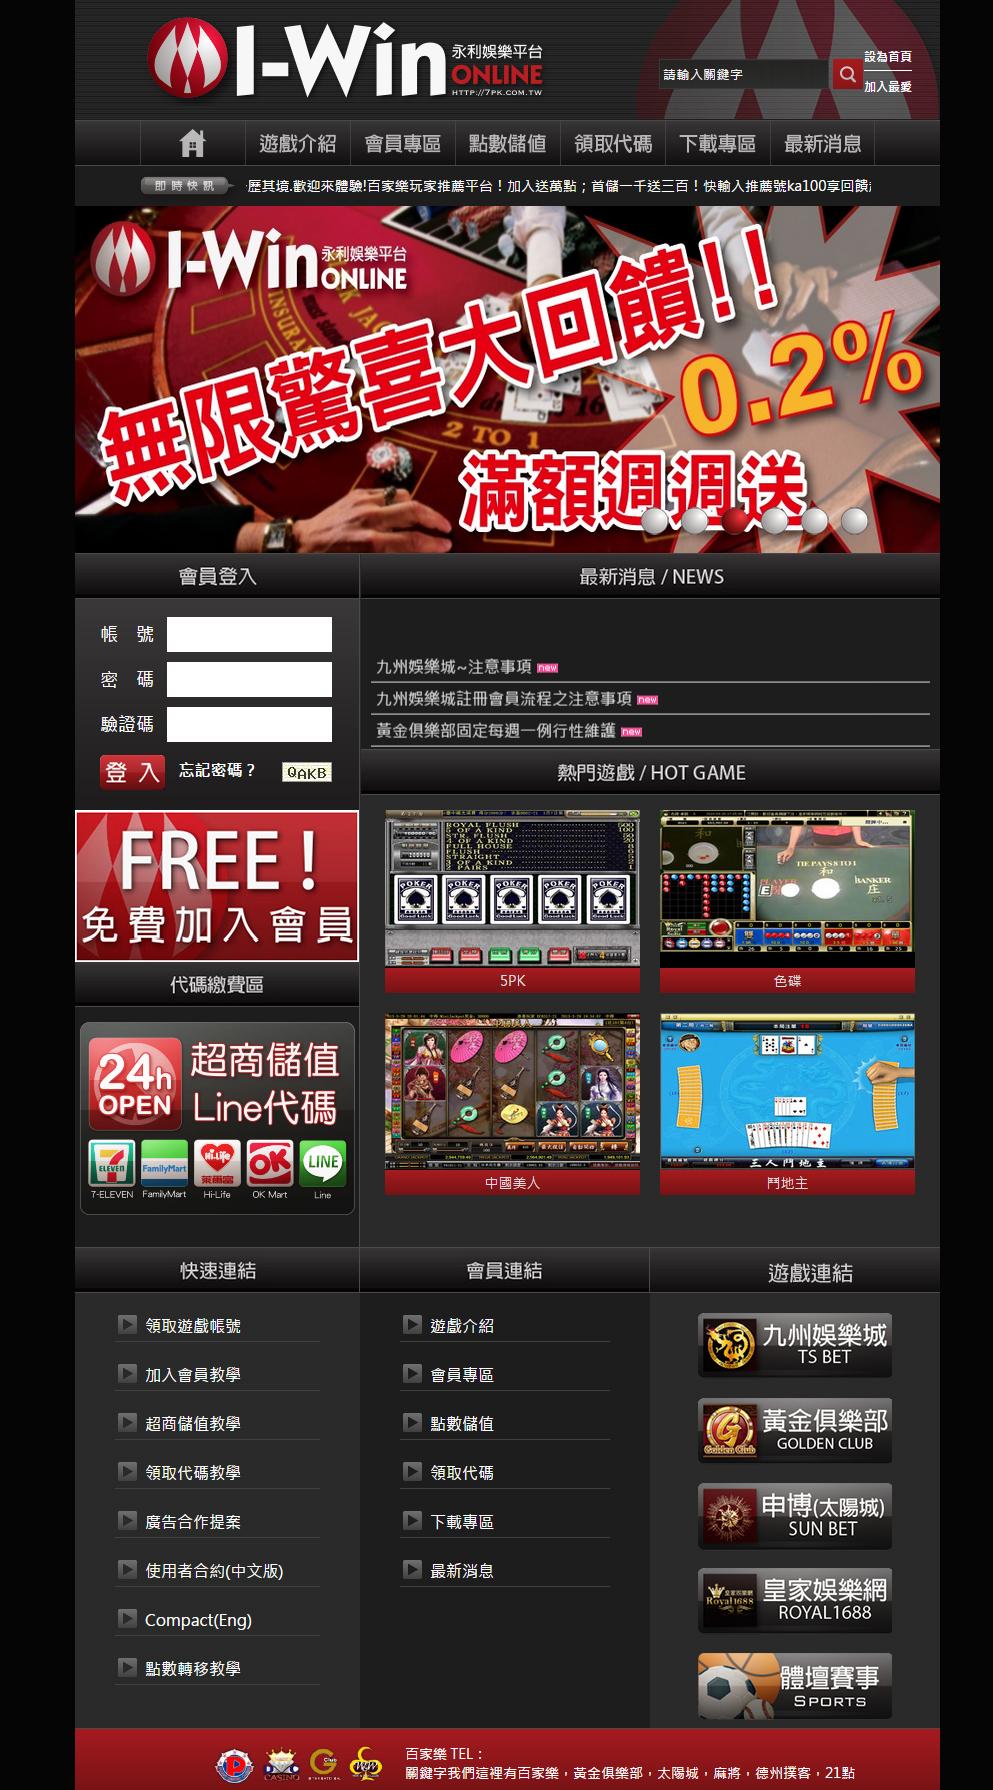 永利娱乐平台百家乐黄金俱乐部网页设计